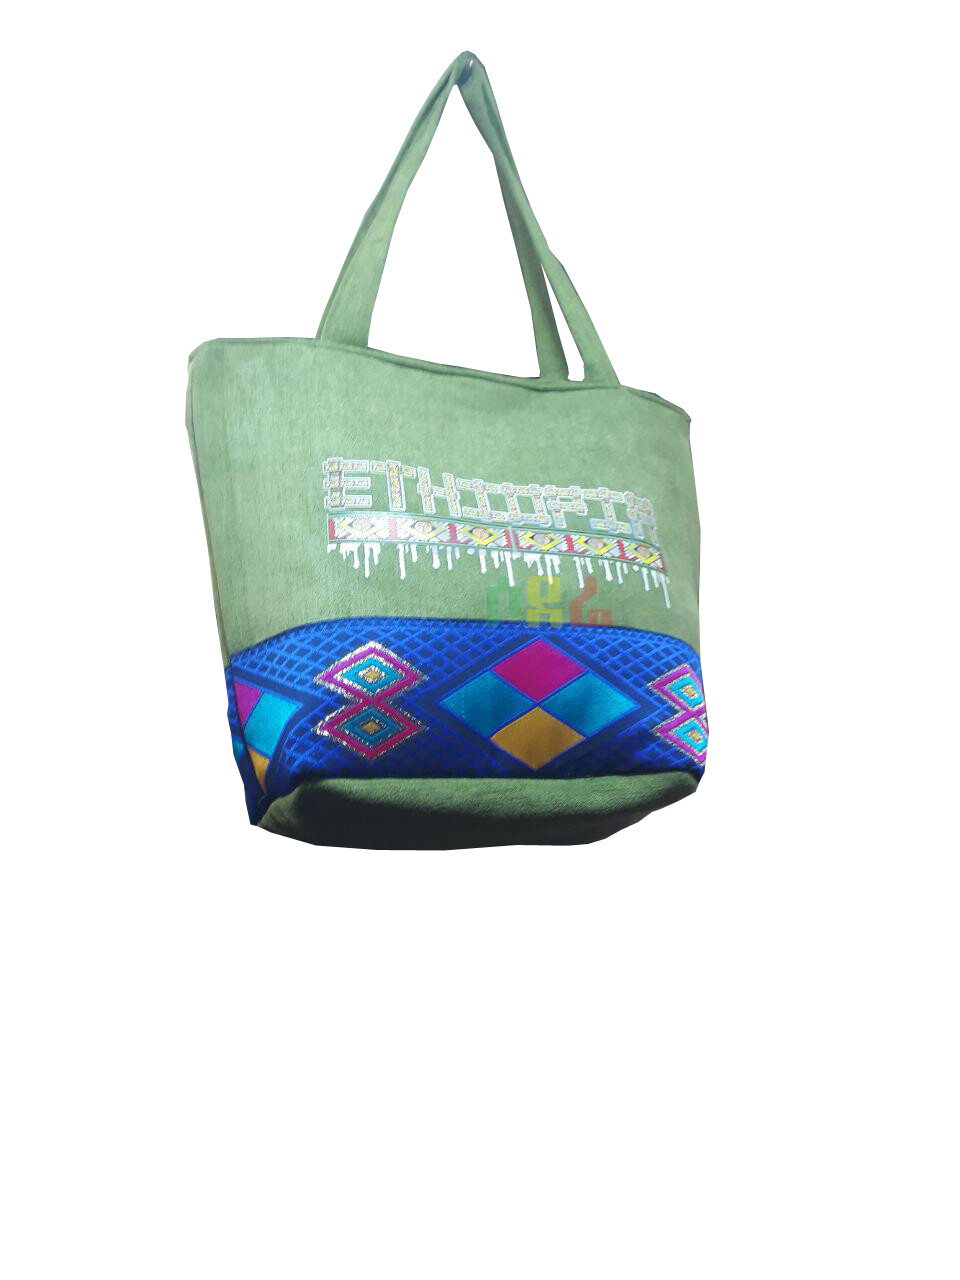 በባህላዊ የጎን ቦርሳ Ethiopian Shoulder Bag